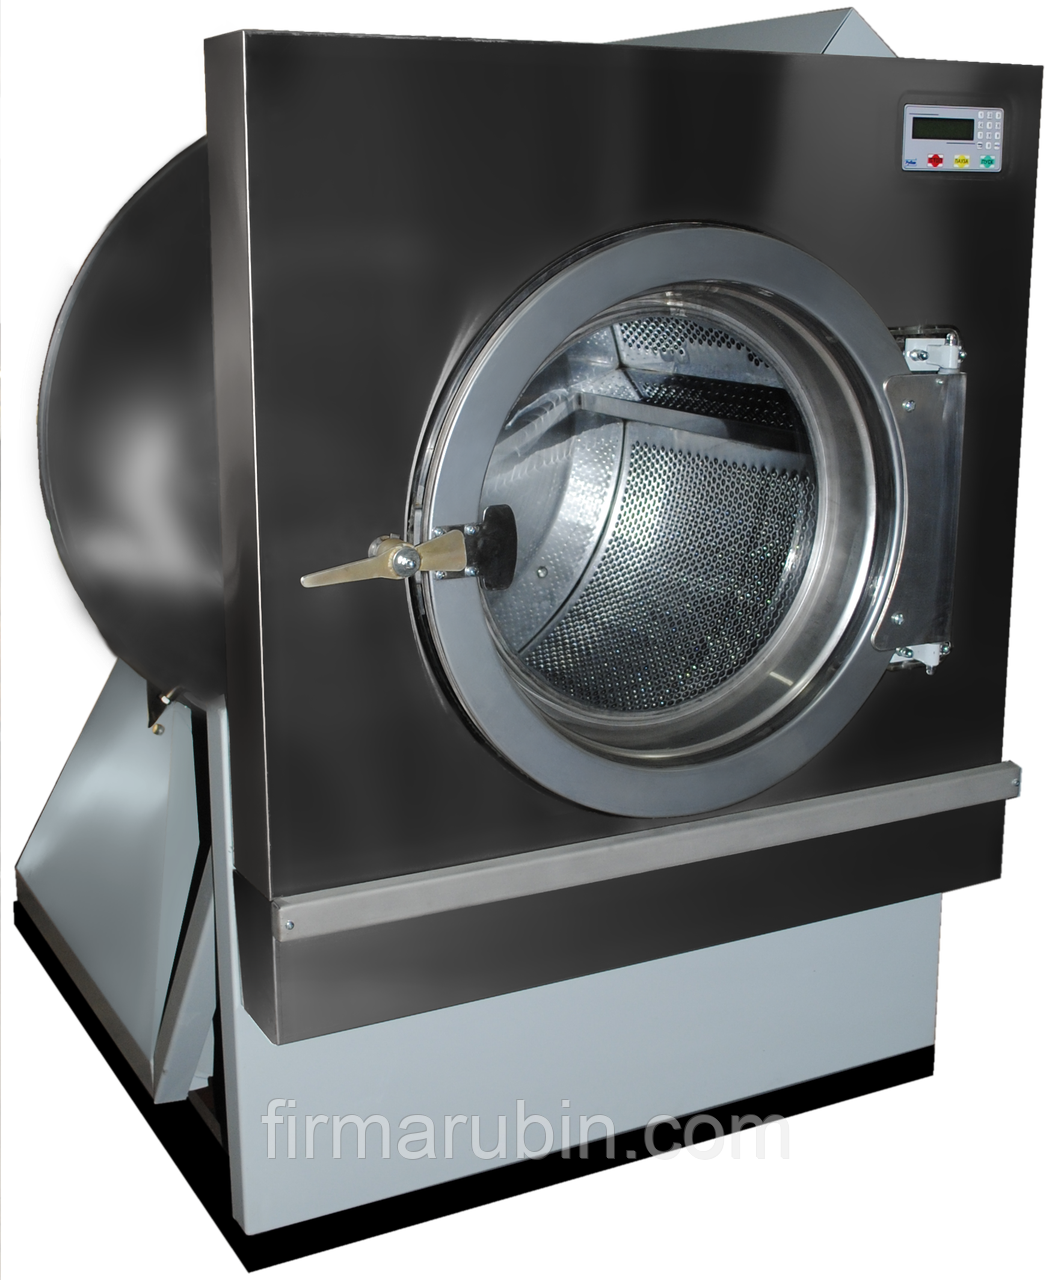 Промышленная стиральная машина СТ503